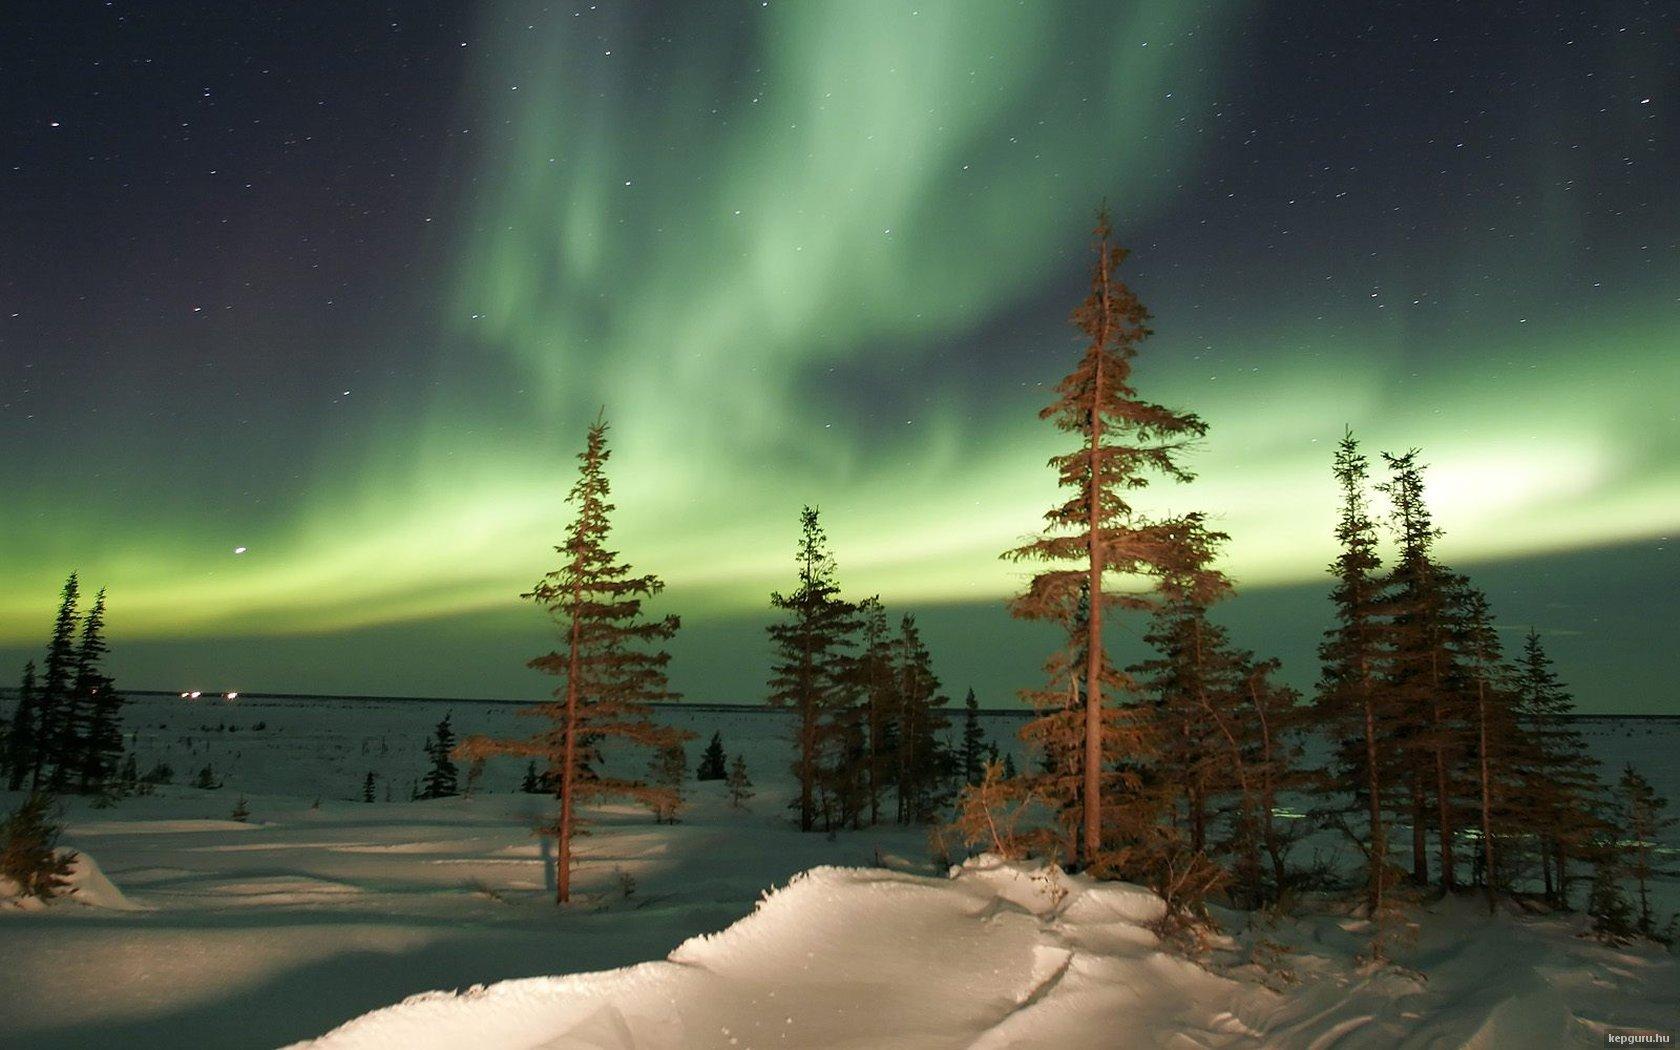 Aurora boreale sfondo and sfondi 1680x1050 id 337171 for Sfondi aurora boreale